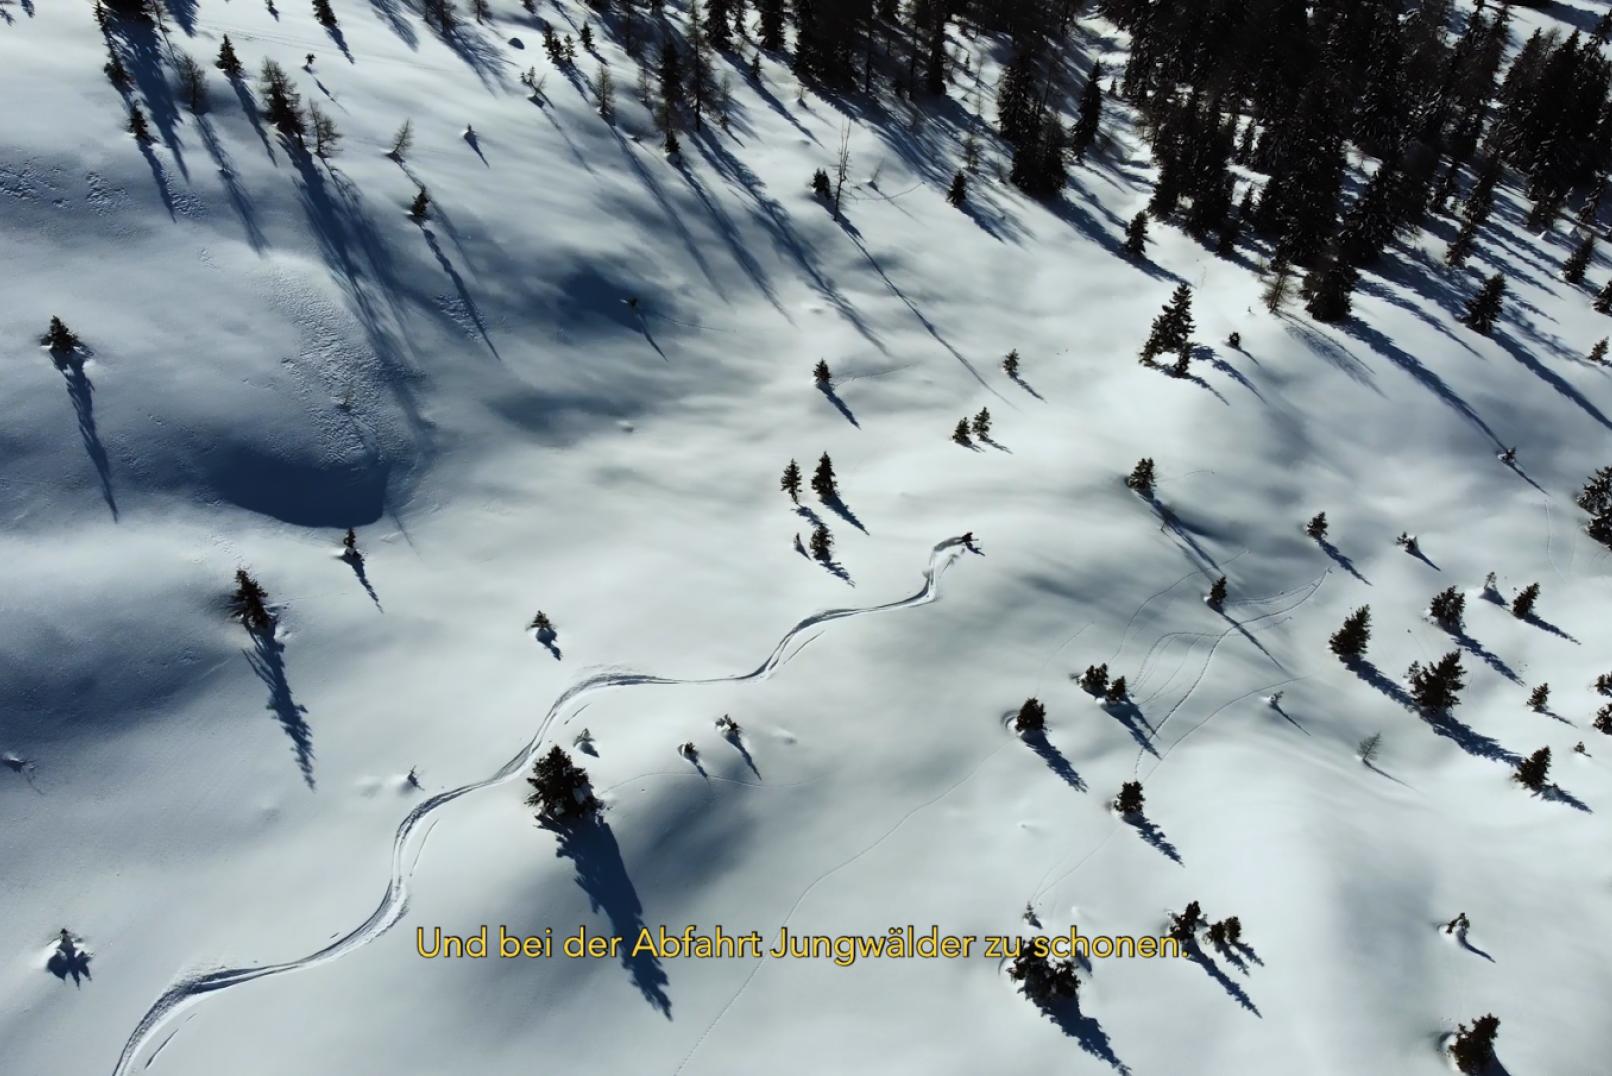 Wintersport trifft Wild & Wald